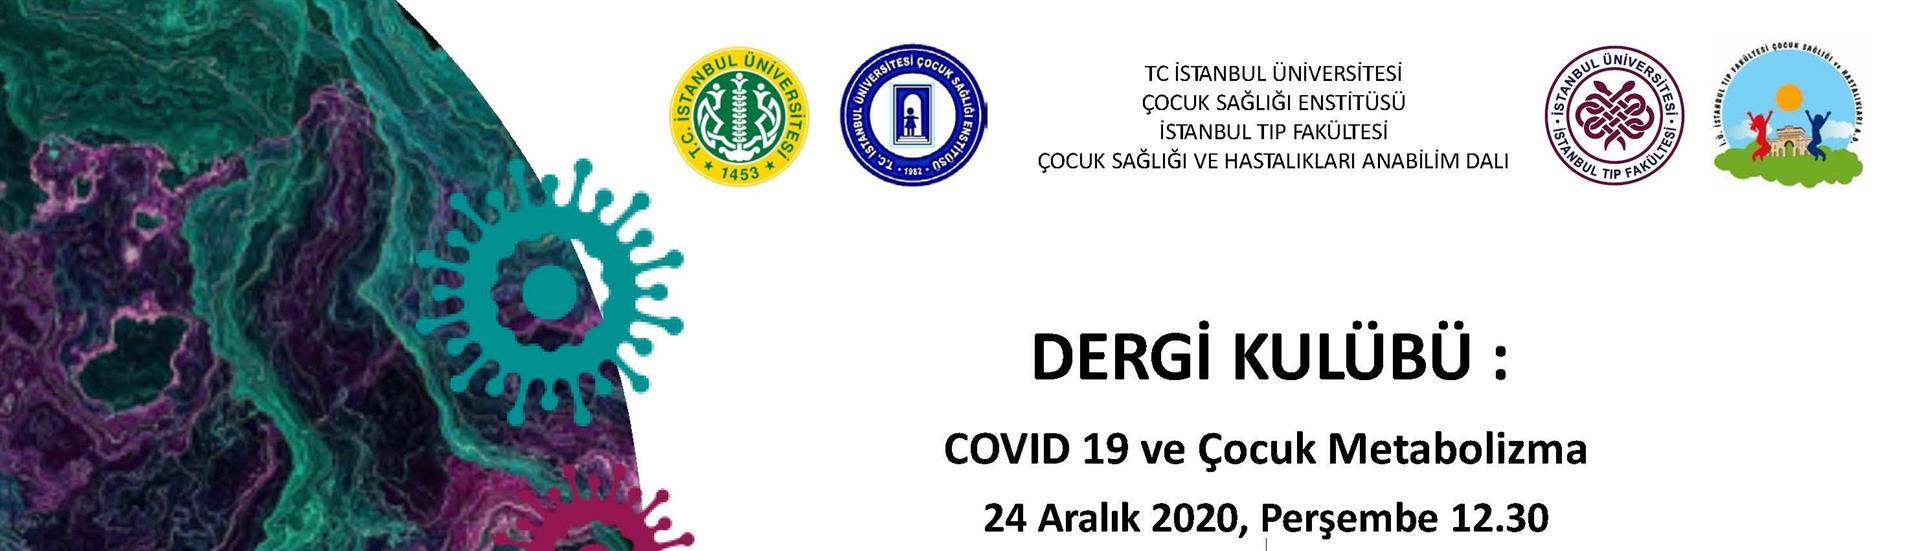 Dergi-Kulübü-:-Covid-19-ve-Çocuk-Metabolizma